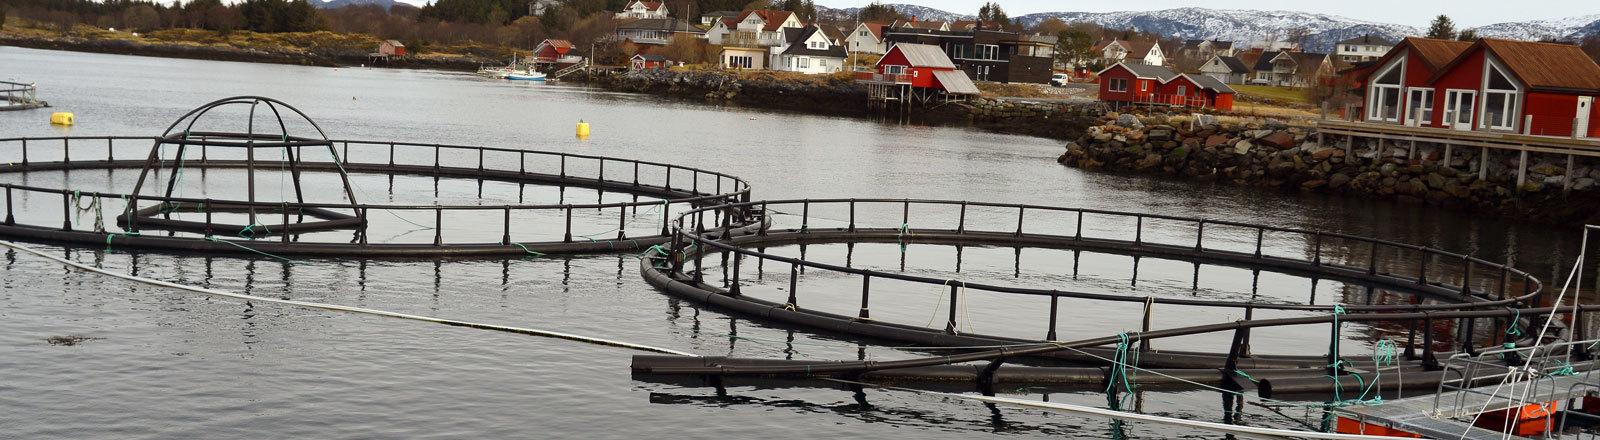 Blick auf eine Lachszucht in einem Fjord in Tofte bei Brønnøysund, Norwegen; Foto: dpa